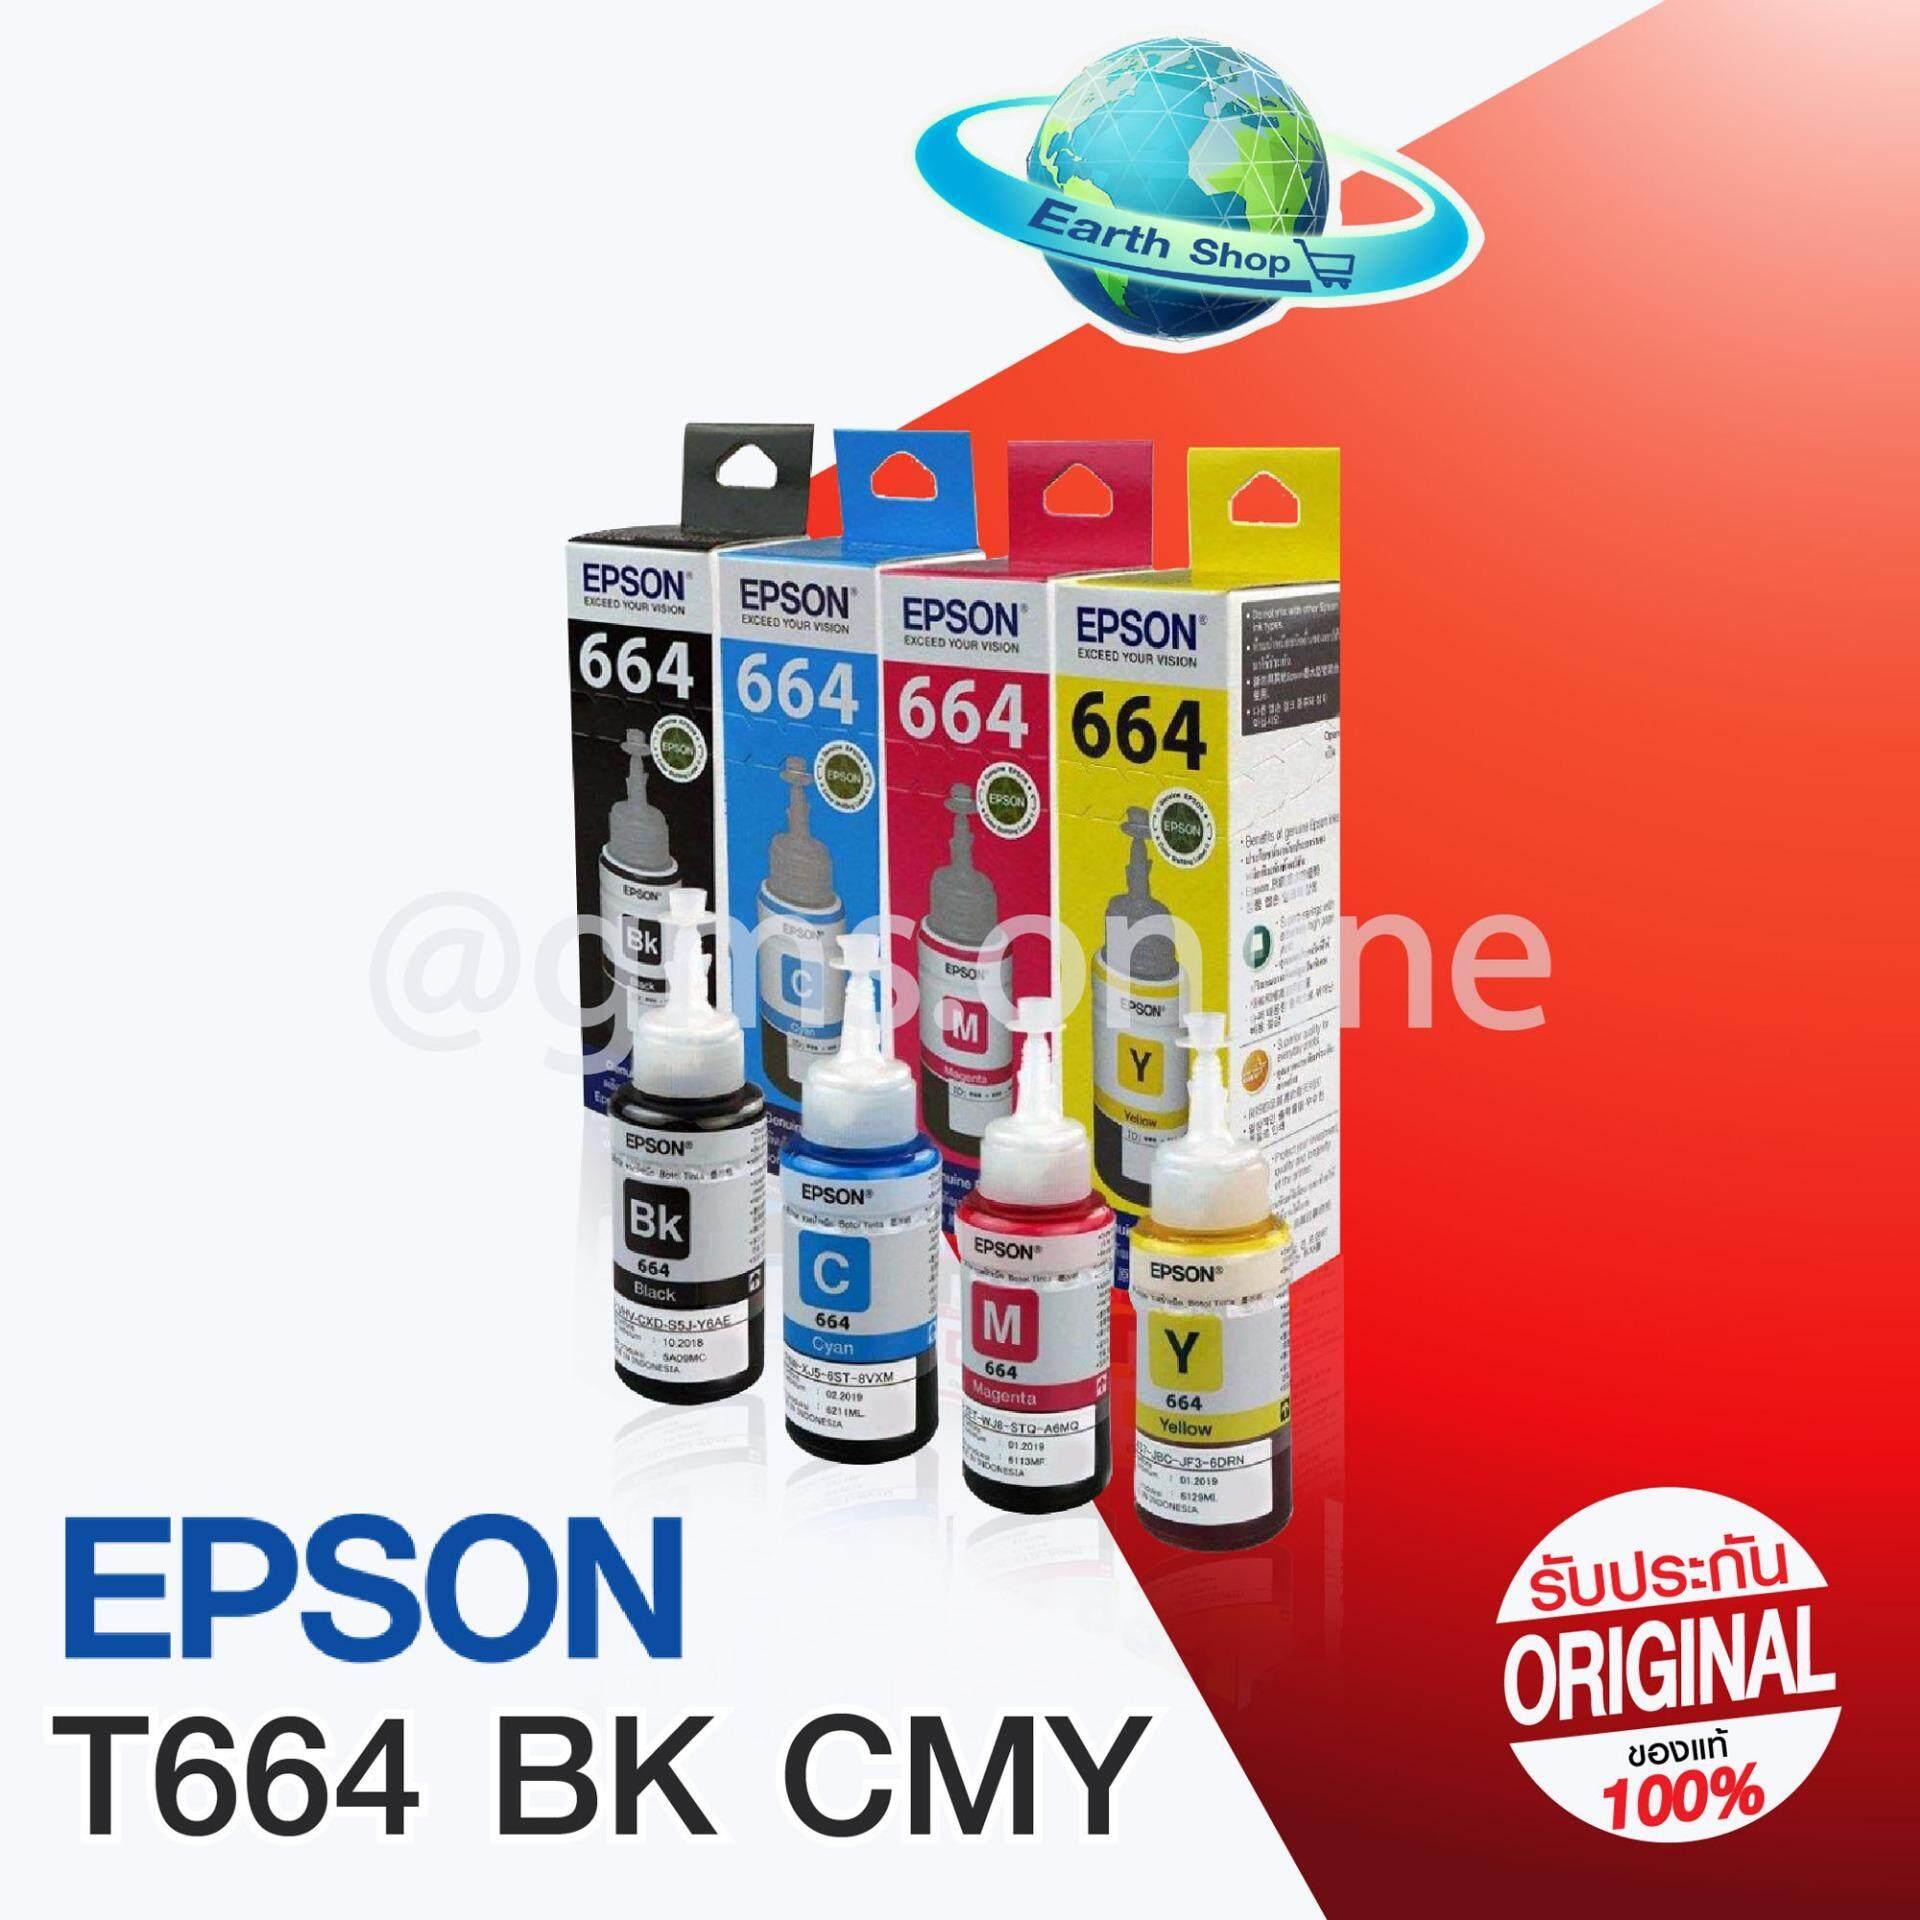 Epson Inkjet Lazada Tinta Printer Original 664 T664 T6641 T6642 T6643 T6644 L 120 210 360 455 565 1300 Series